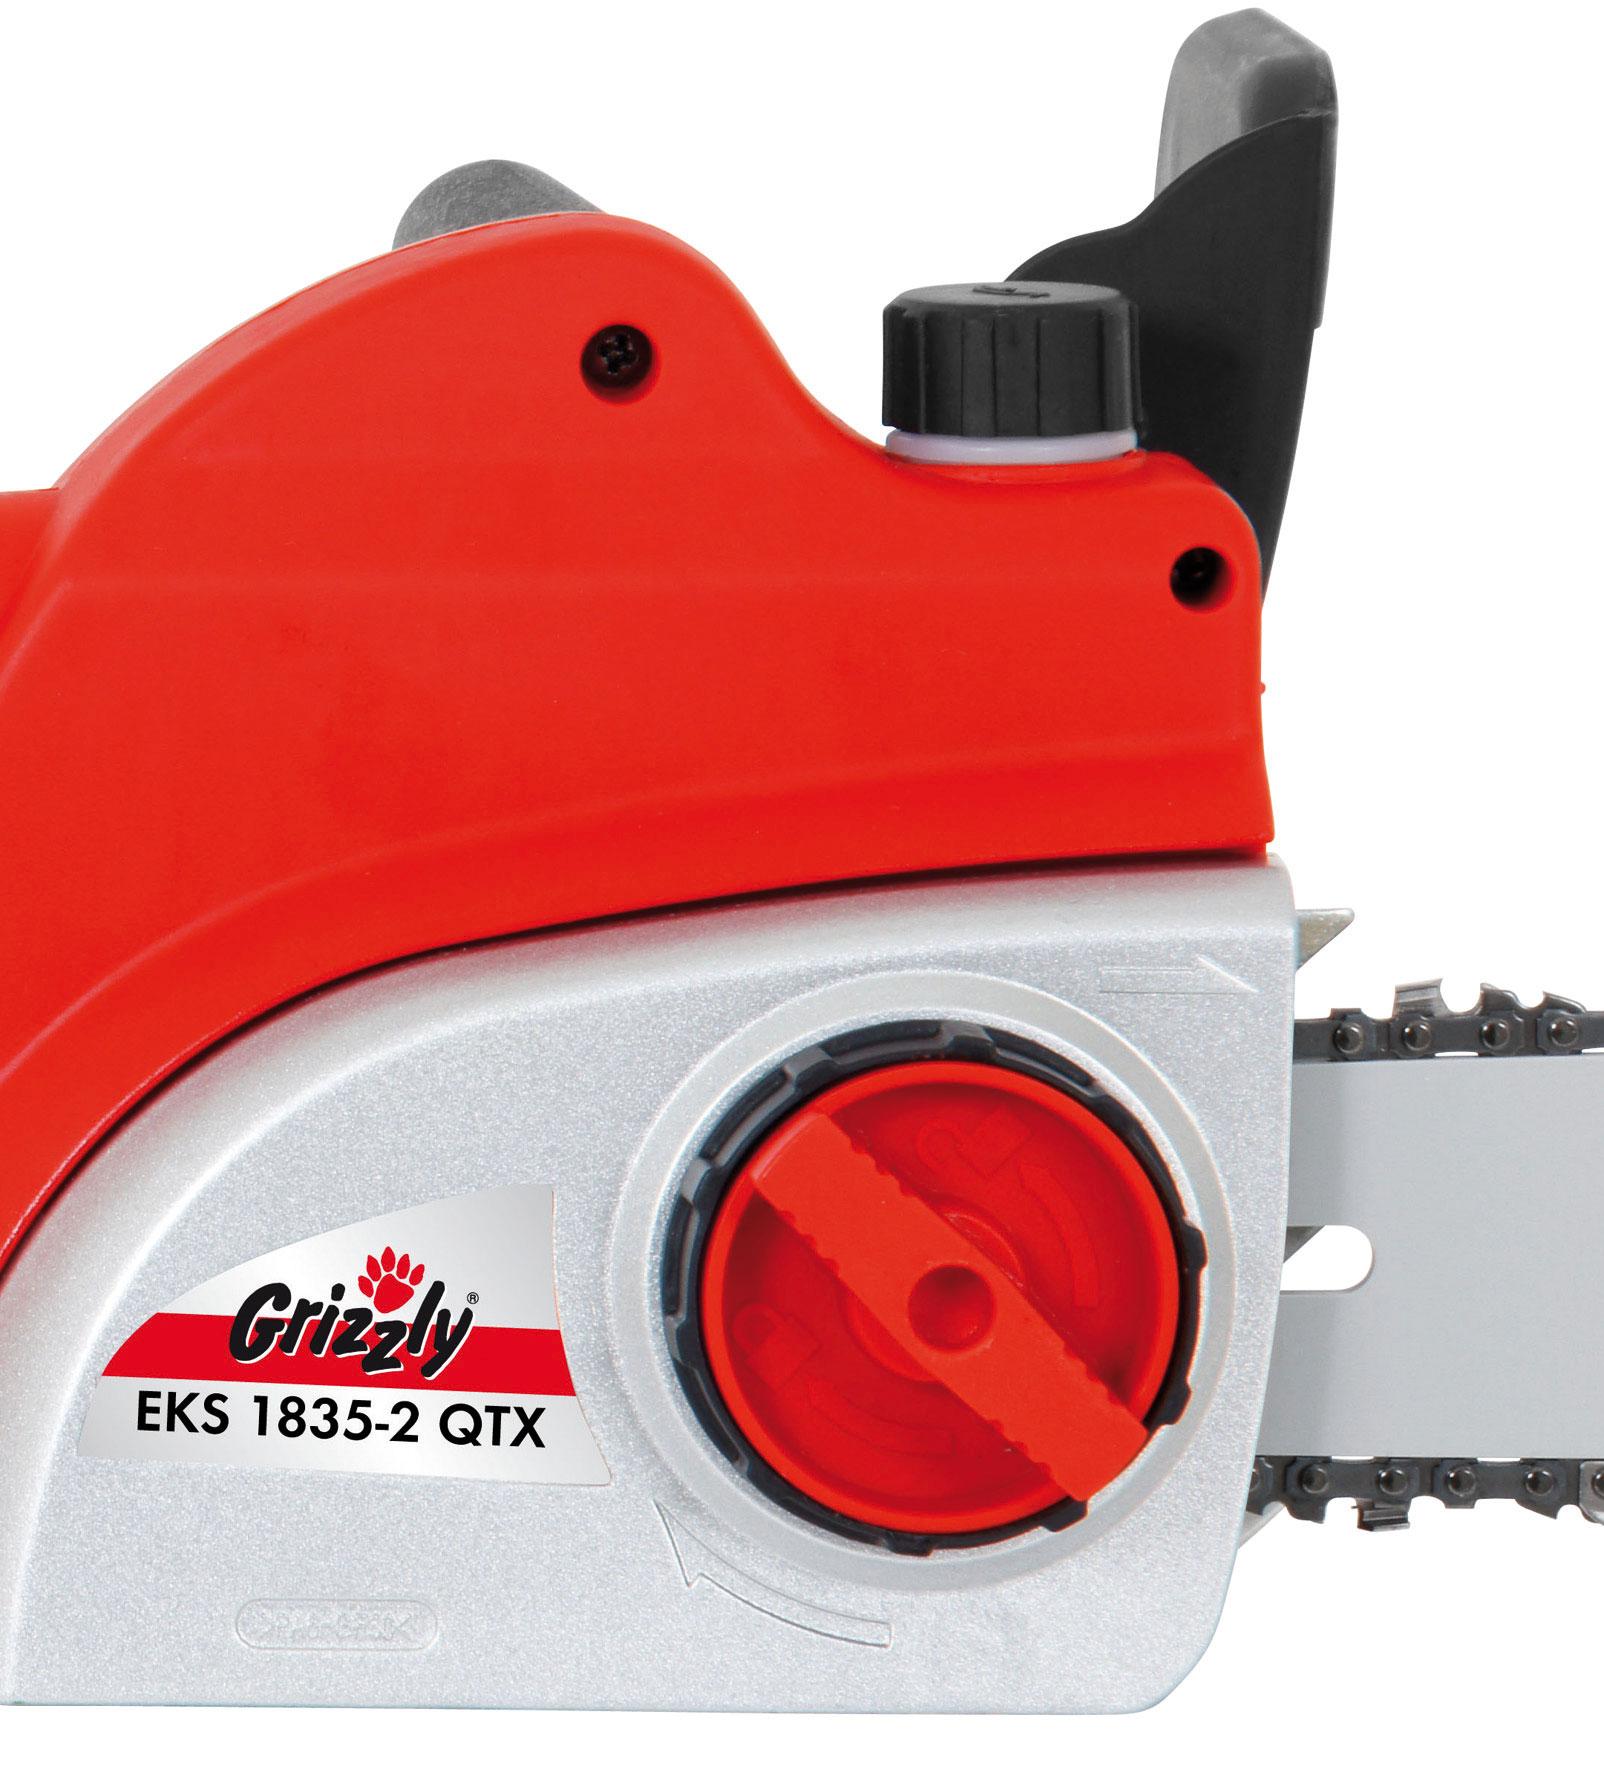 Elektro Kettensäge Grizzly EKS 1835-2 QTX 1800 Watt Bild 2